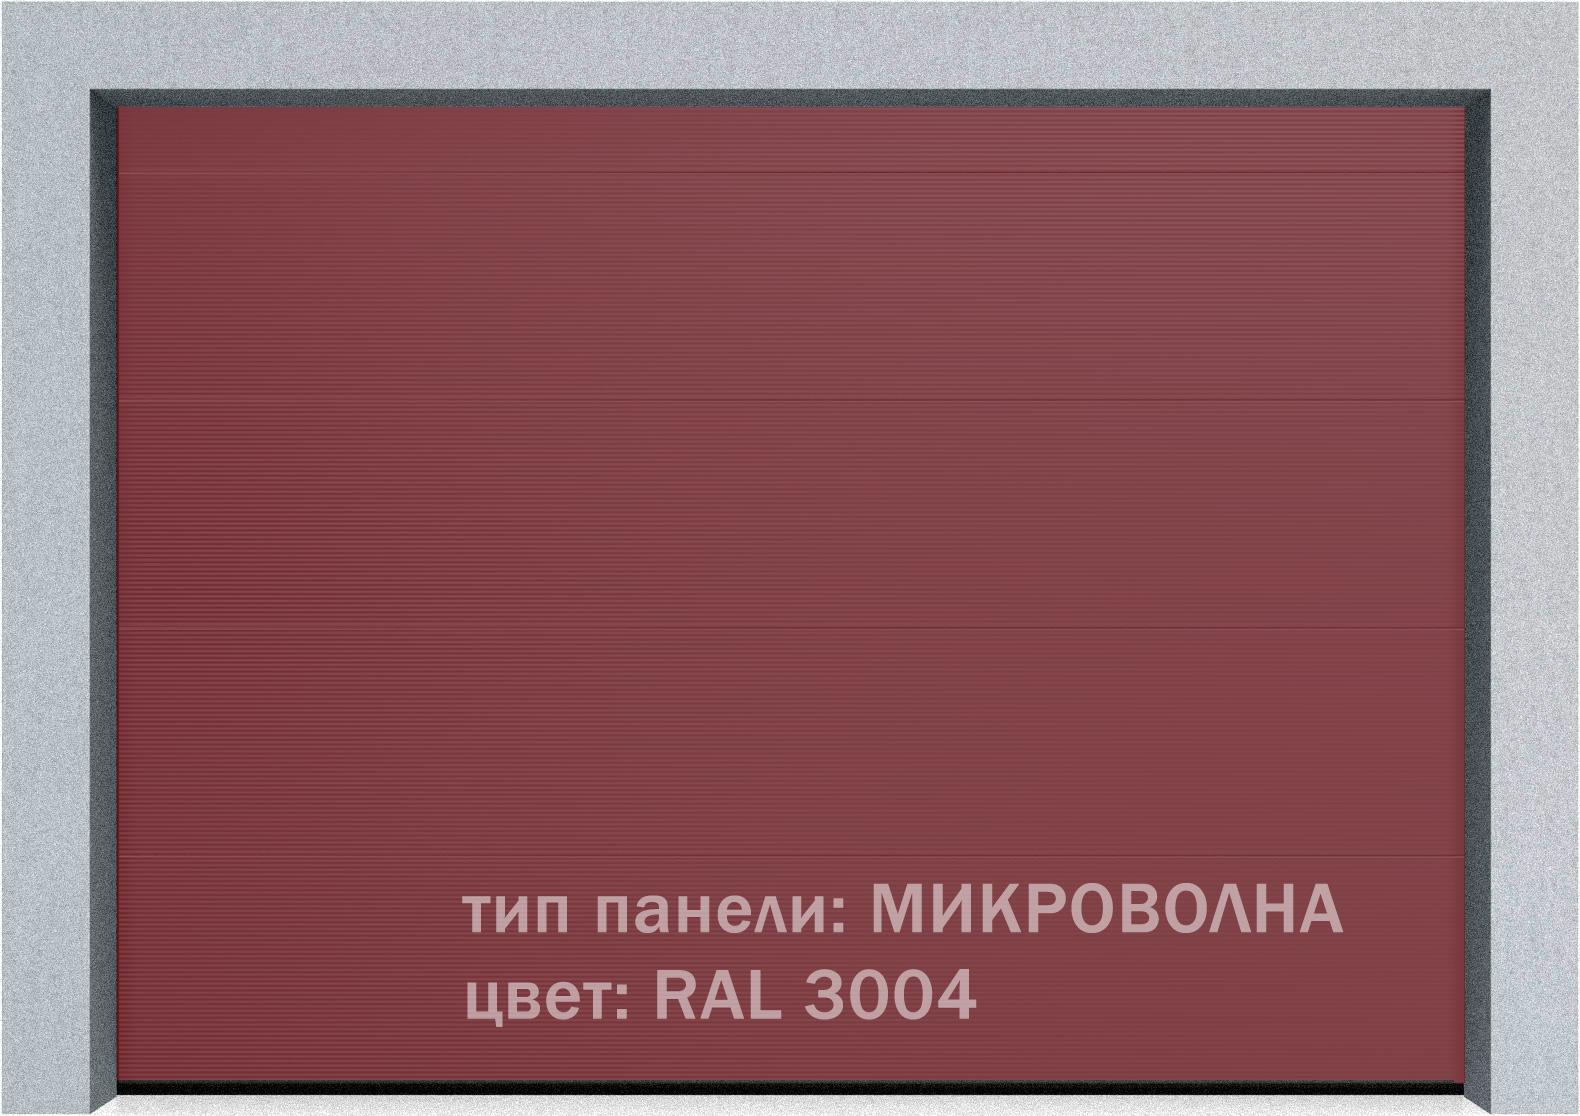 Секционные промышленные ворота Alutech ProTrend 3375х2000 S-гофр, Микроволна стандартные цвета, фото 15